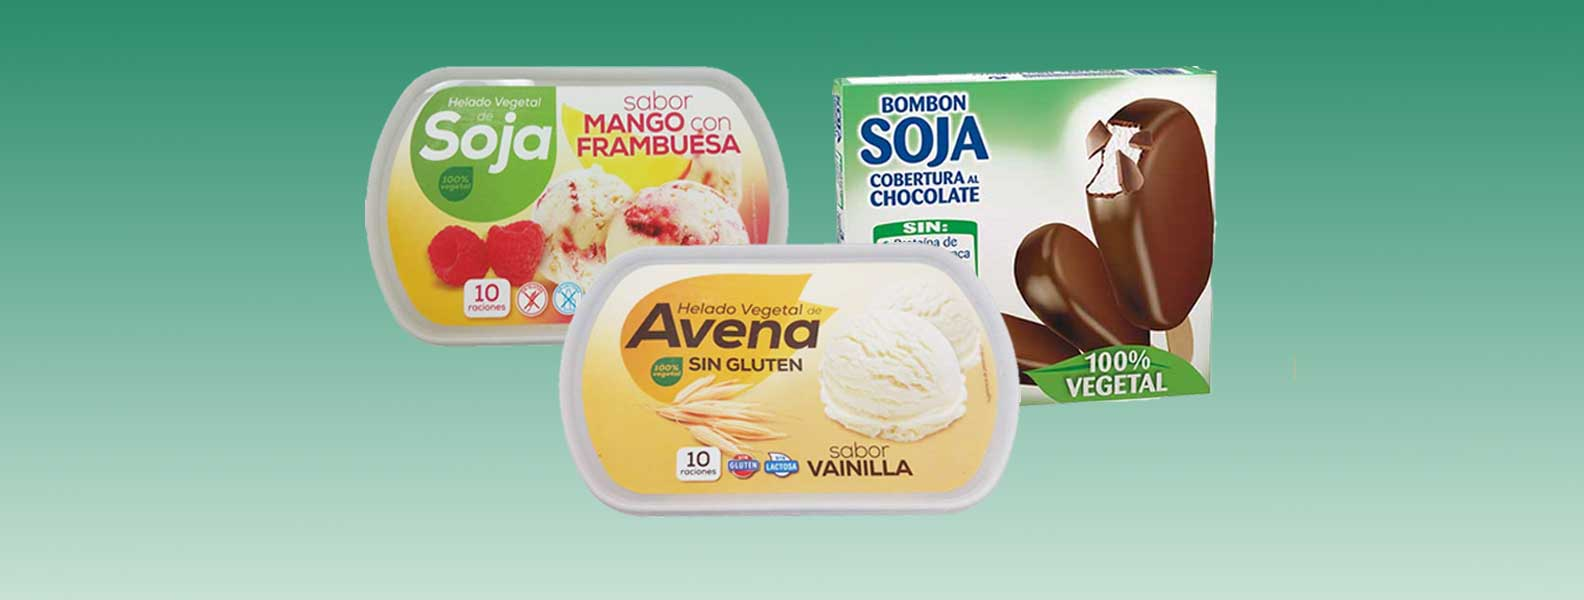 helados productos veganos y vegetarianos en Mercadona